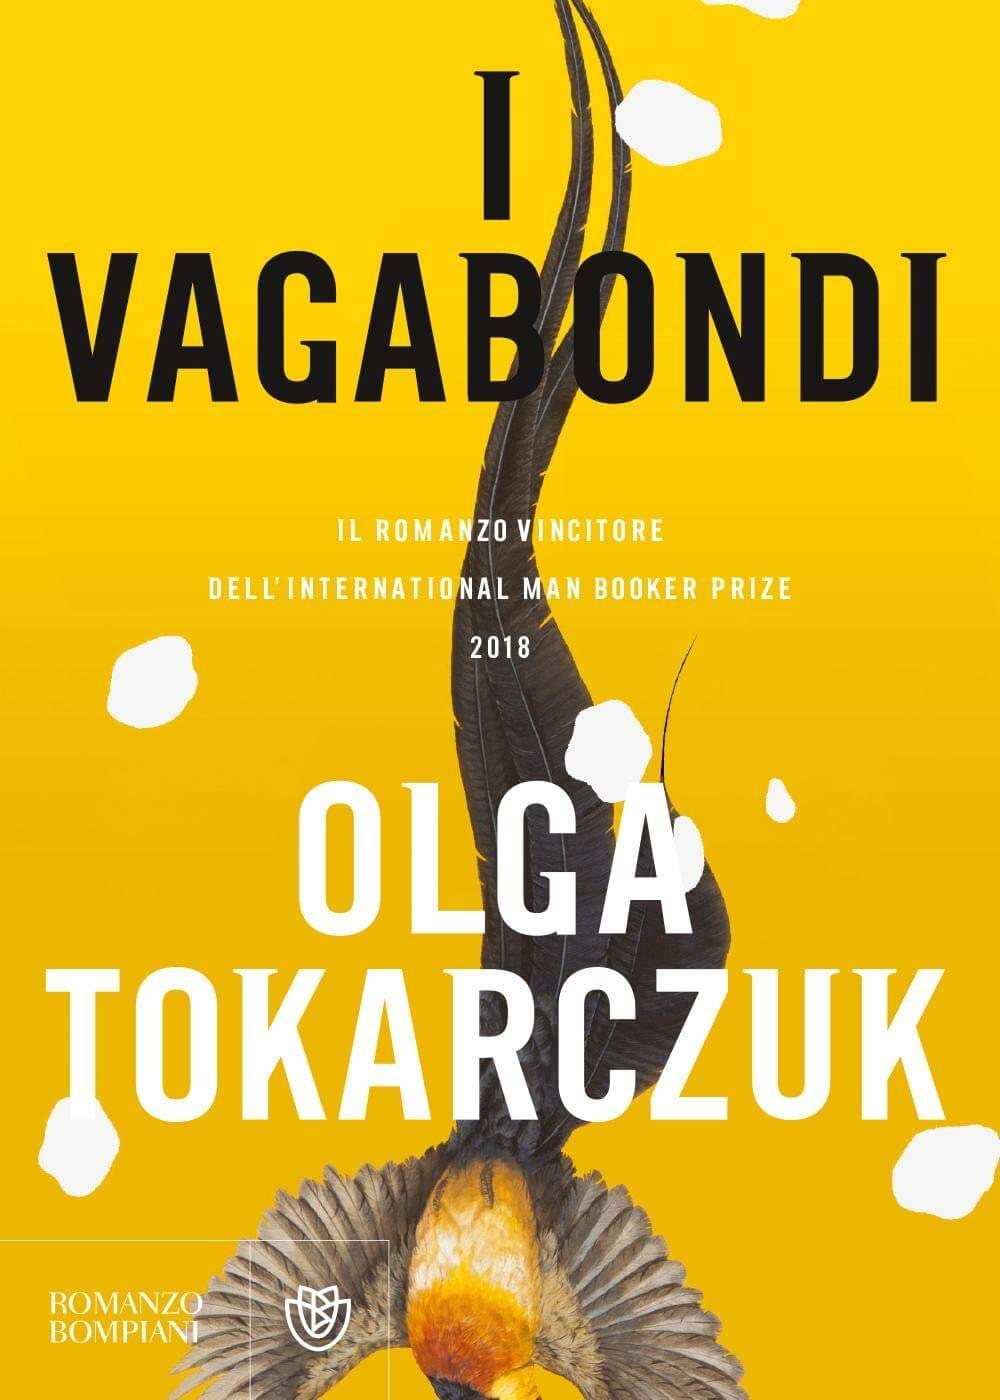 La cpertina del libro I vagabondi del'autrice polacca Olga Tocarczuk